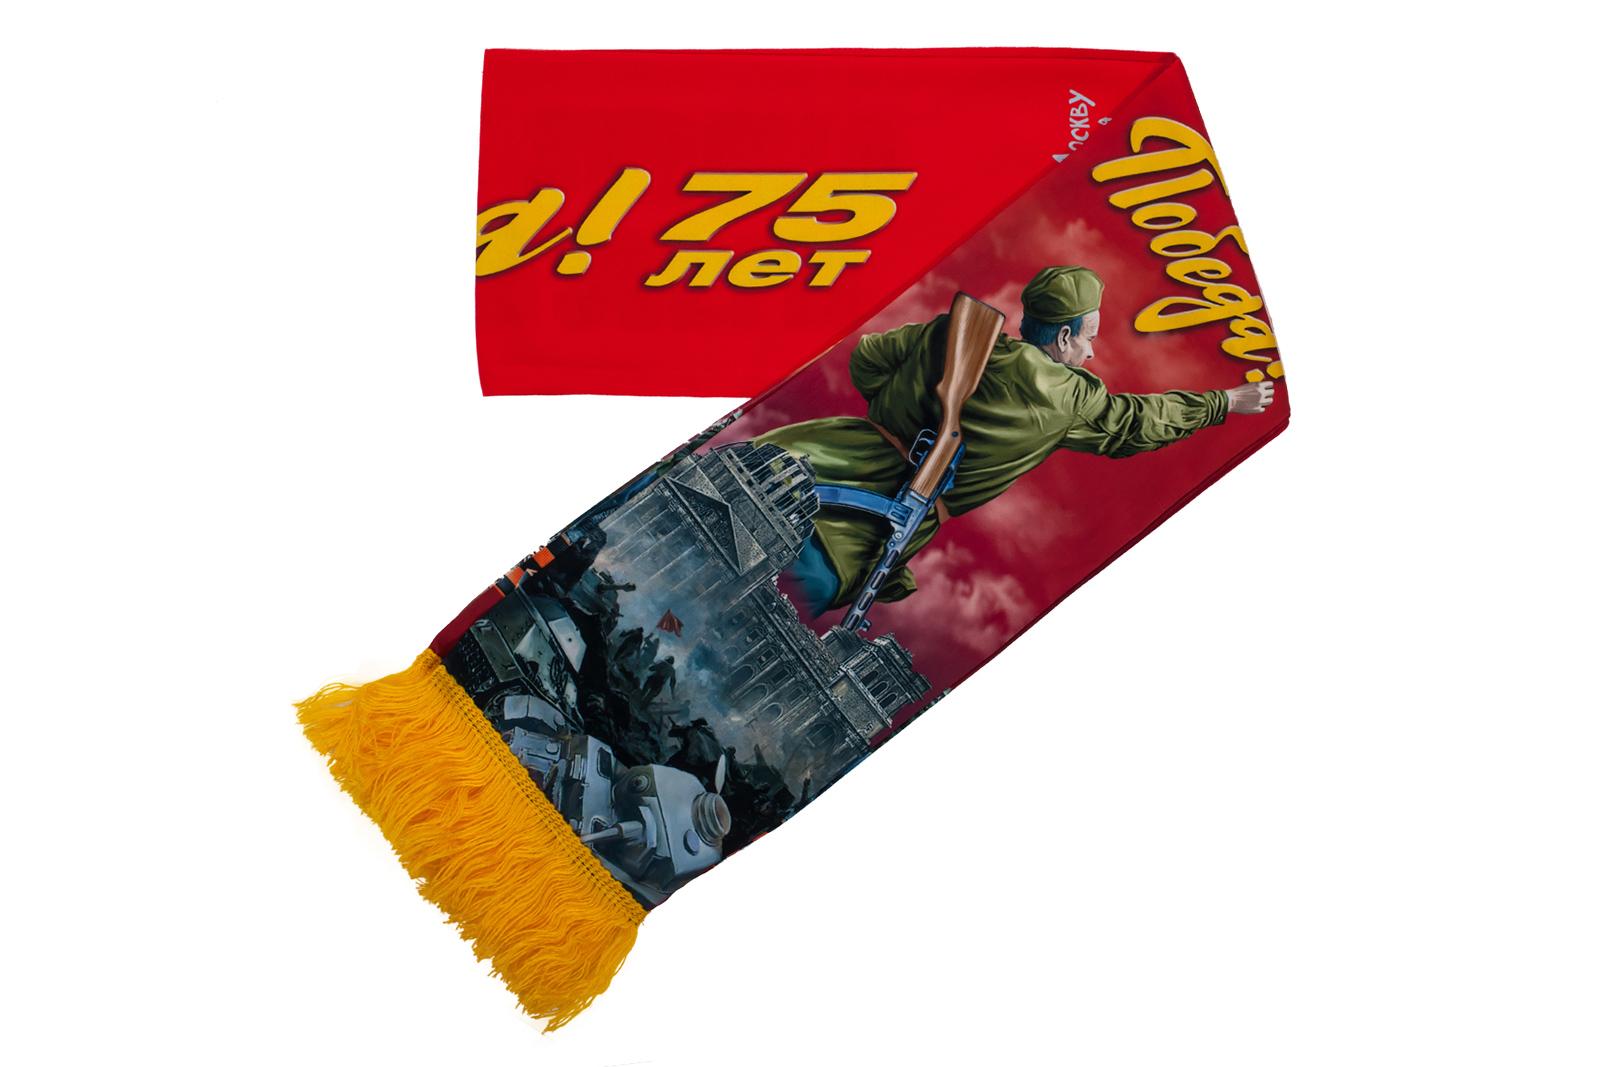 Шелковый шарф на 75 лет Победы